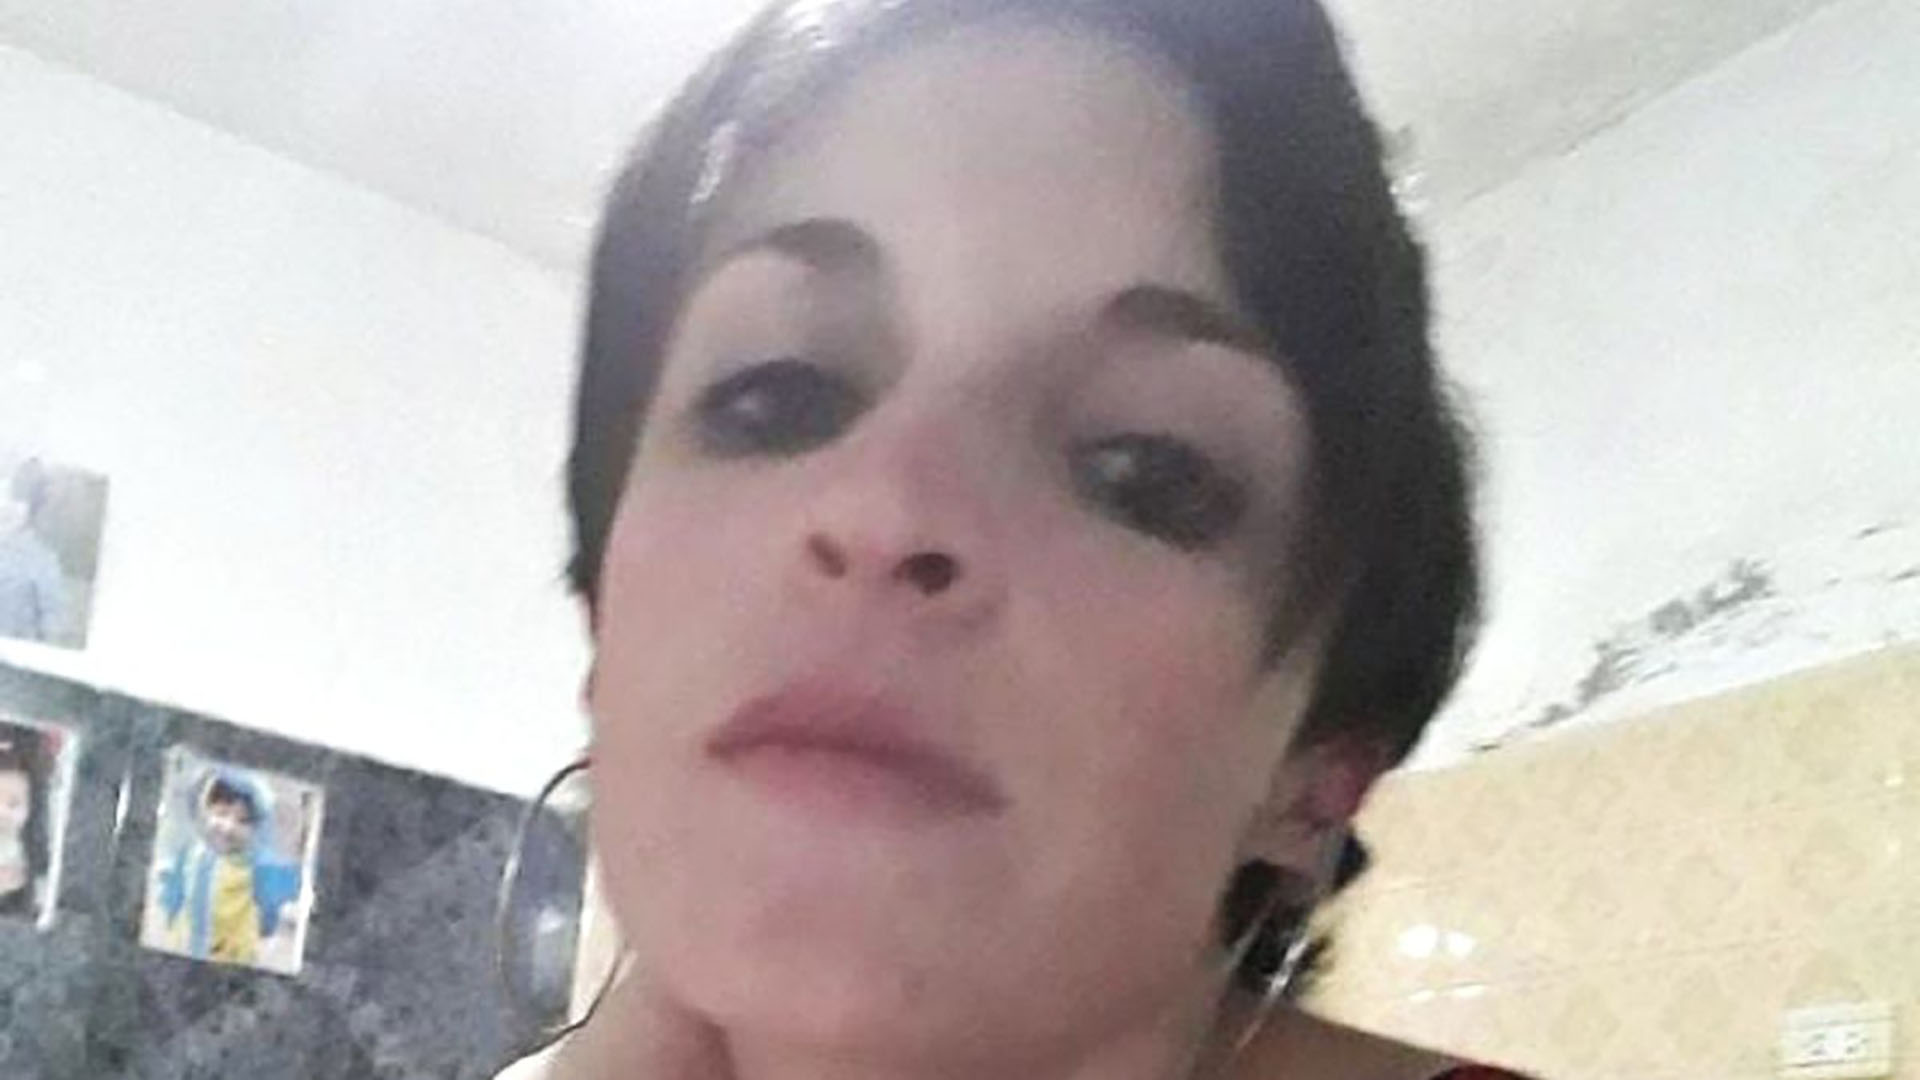 Carla Soggiu activó dos veces el botón antipánico y tuvo tres conversaciones con el Centro de Alertas de la Policía de la Ciudad